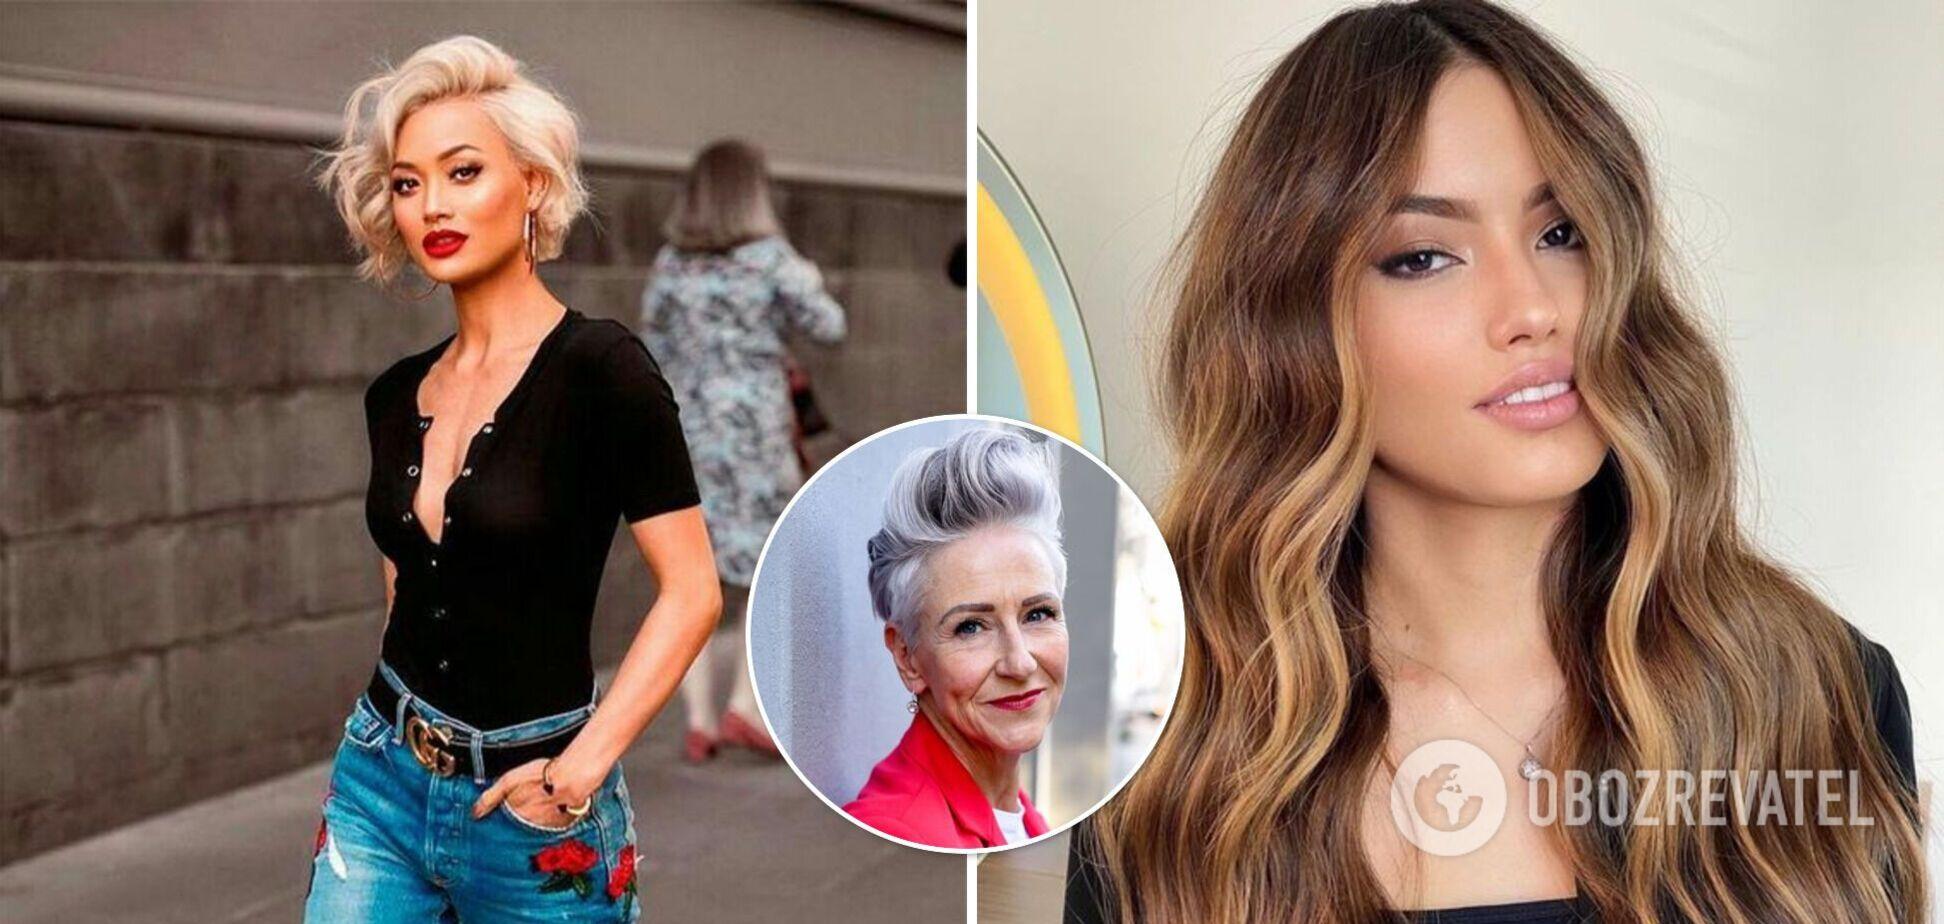 Модные стрижки и цвет волос осенью 2021.Интервью с парикмахером-стилистом